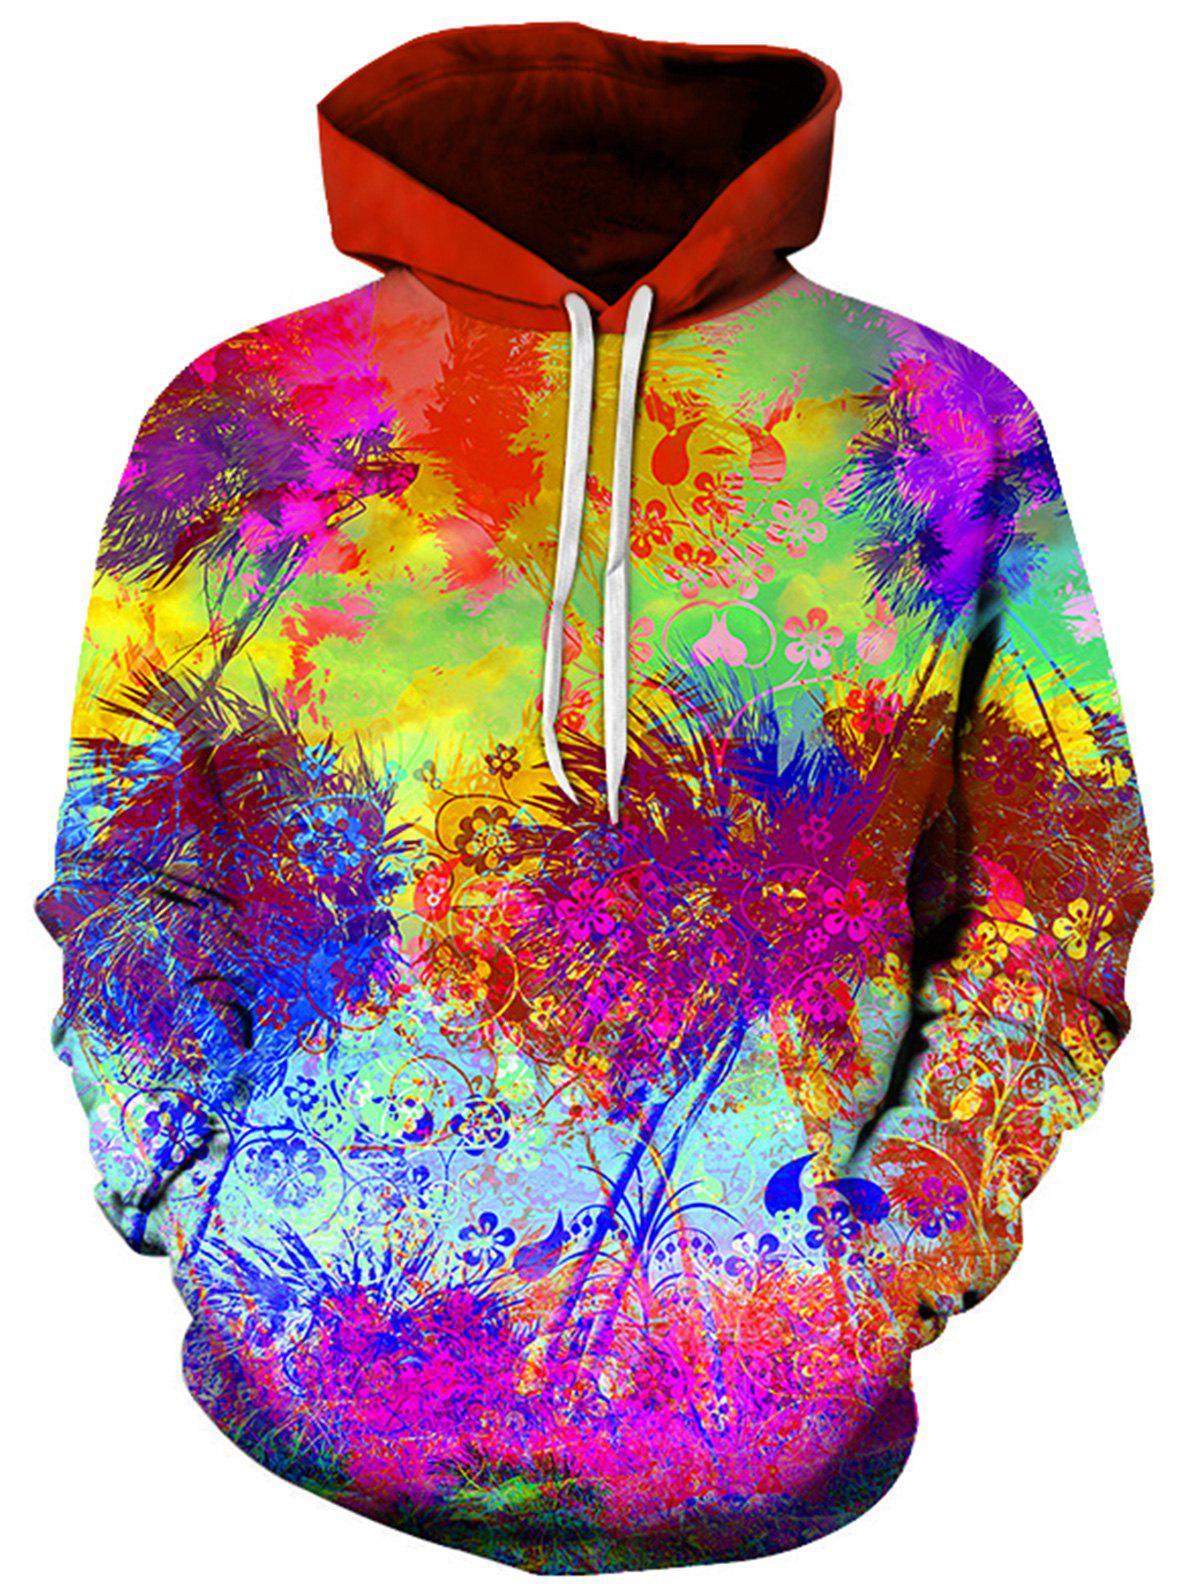 3D Tie Dye Florals Print Pullover Hoodie 230745004